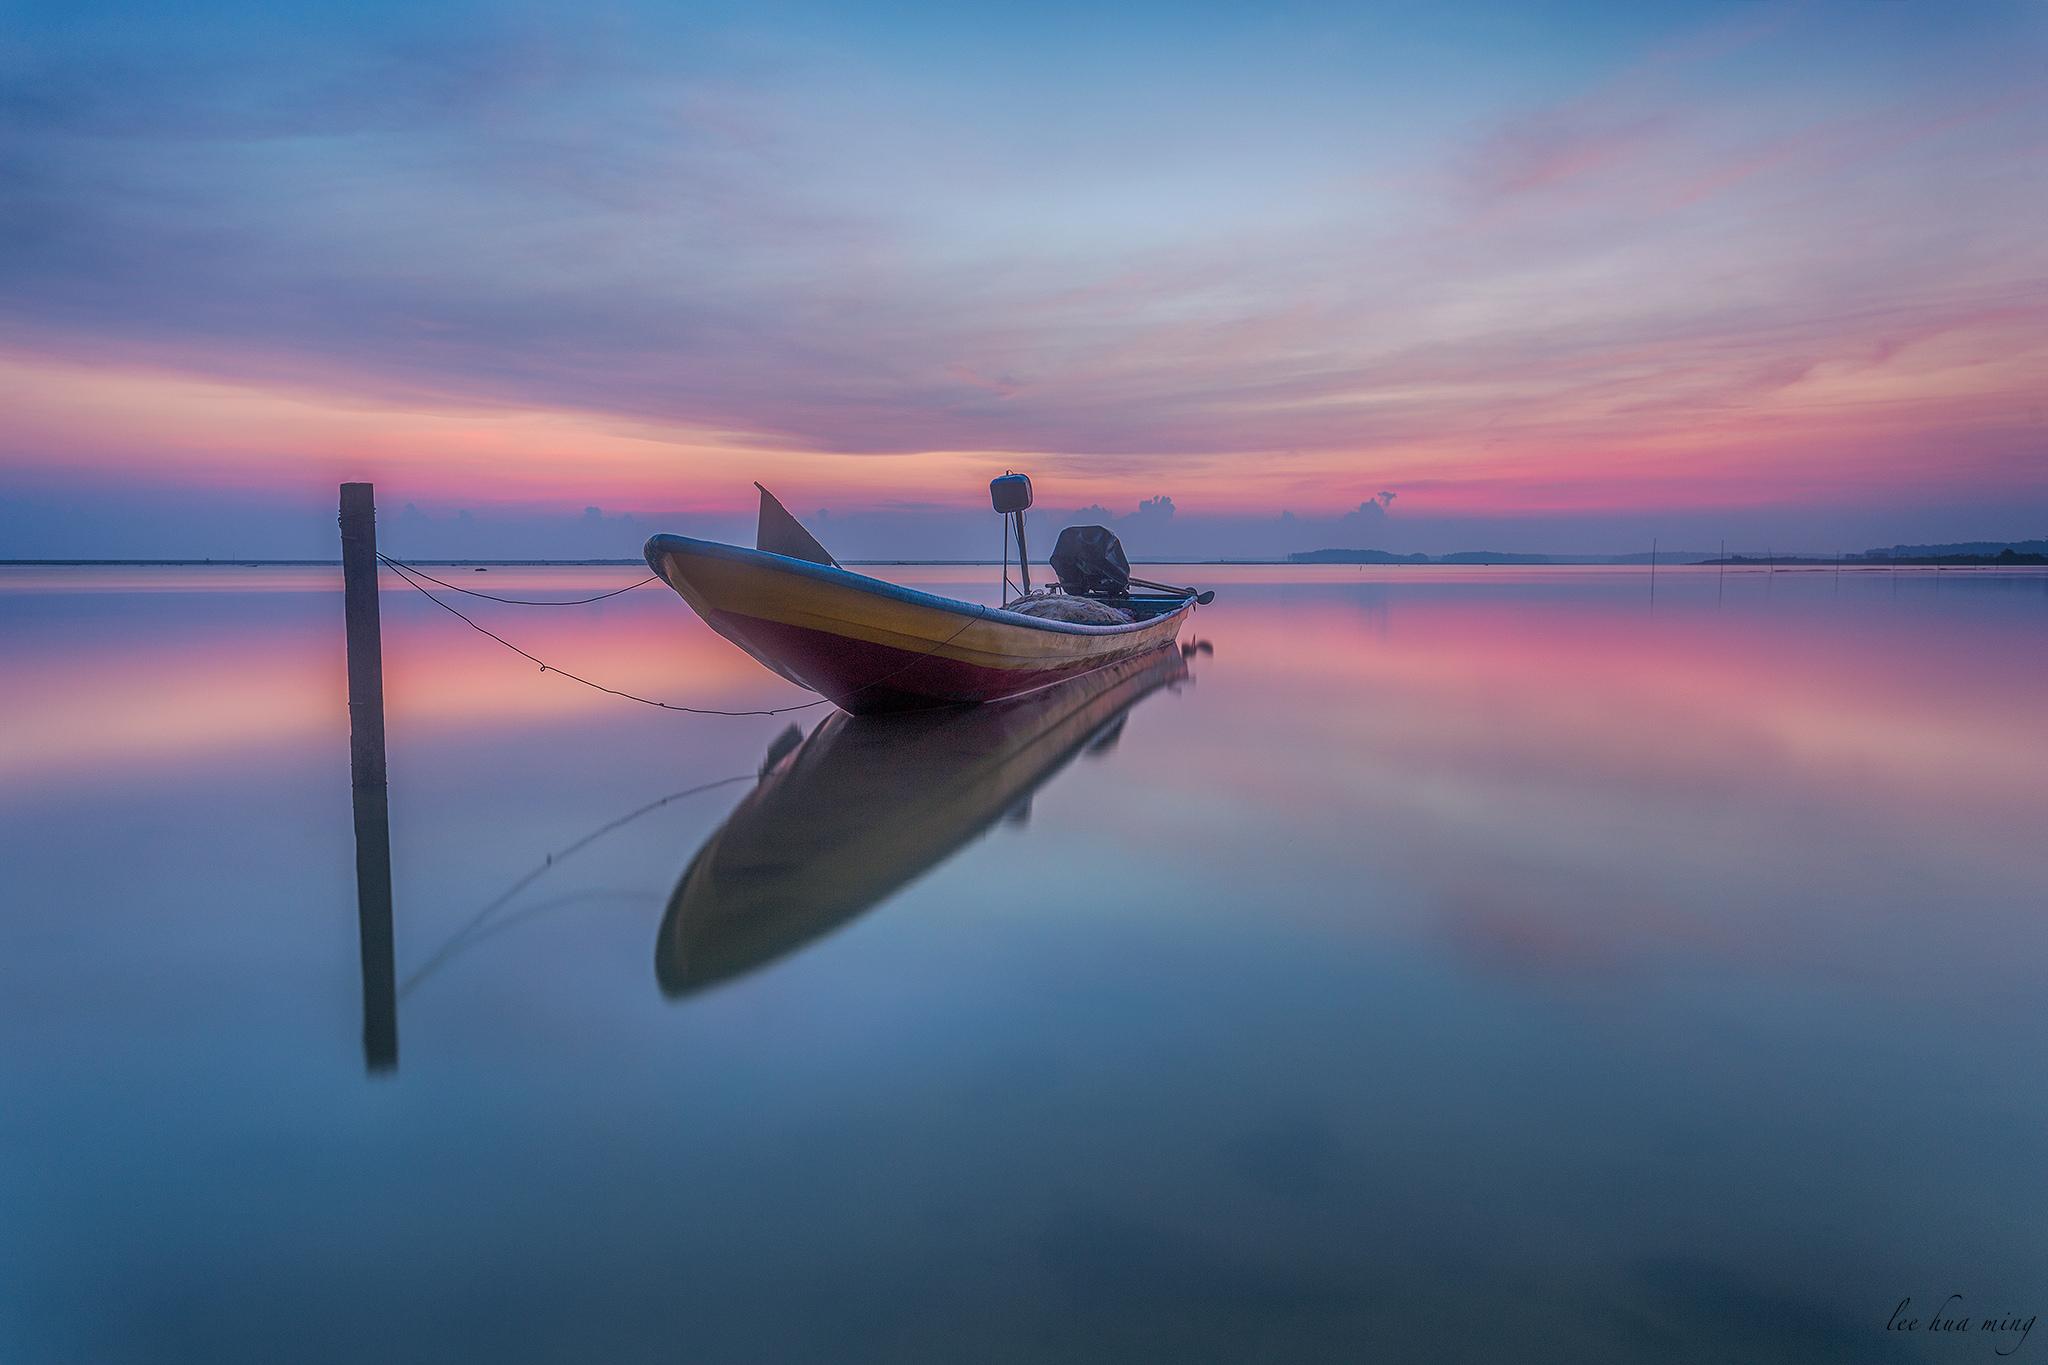 Un bote en la playa con reflejos - 2048x1365